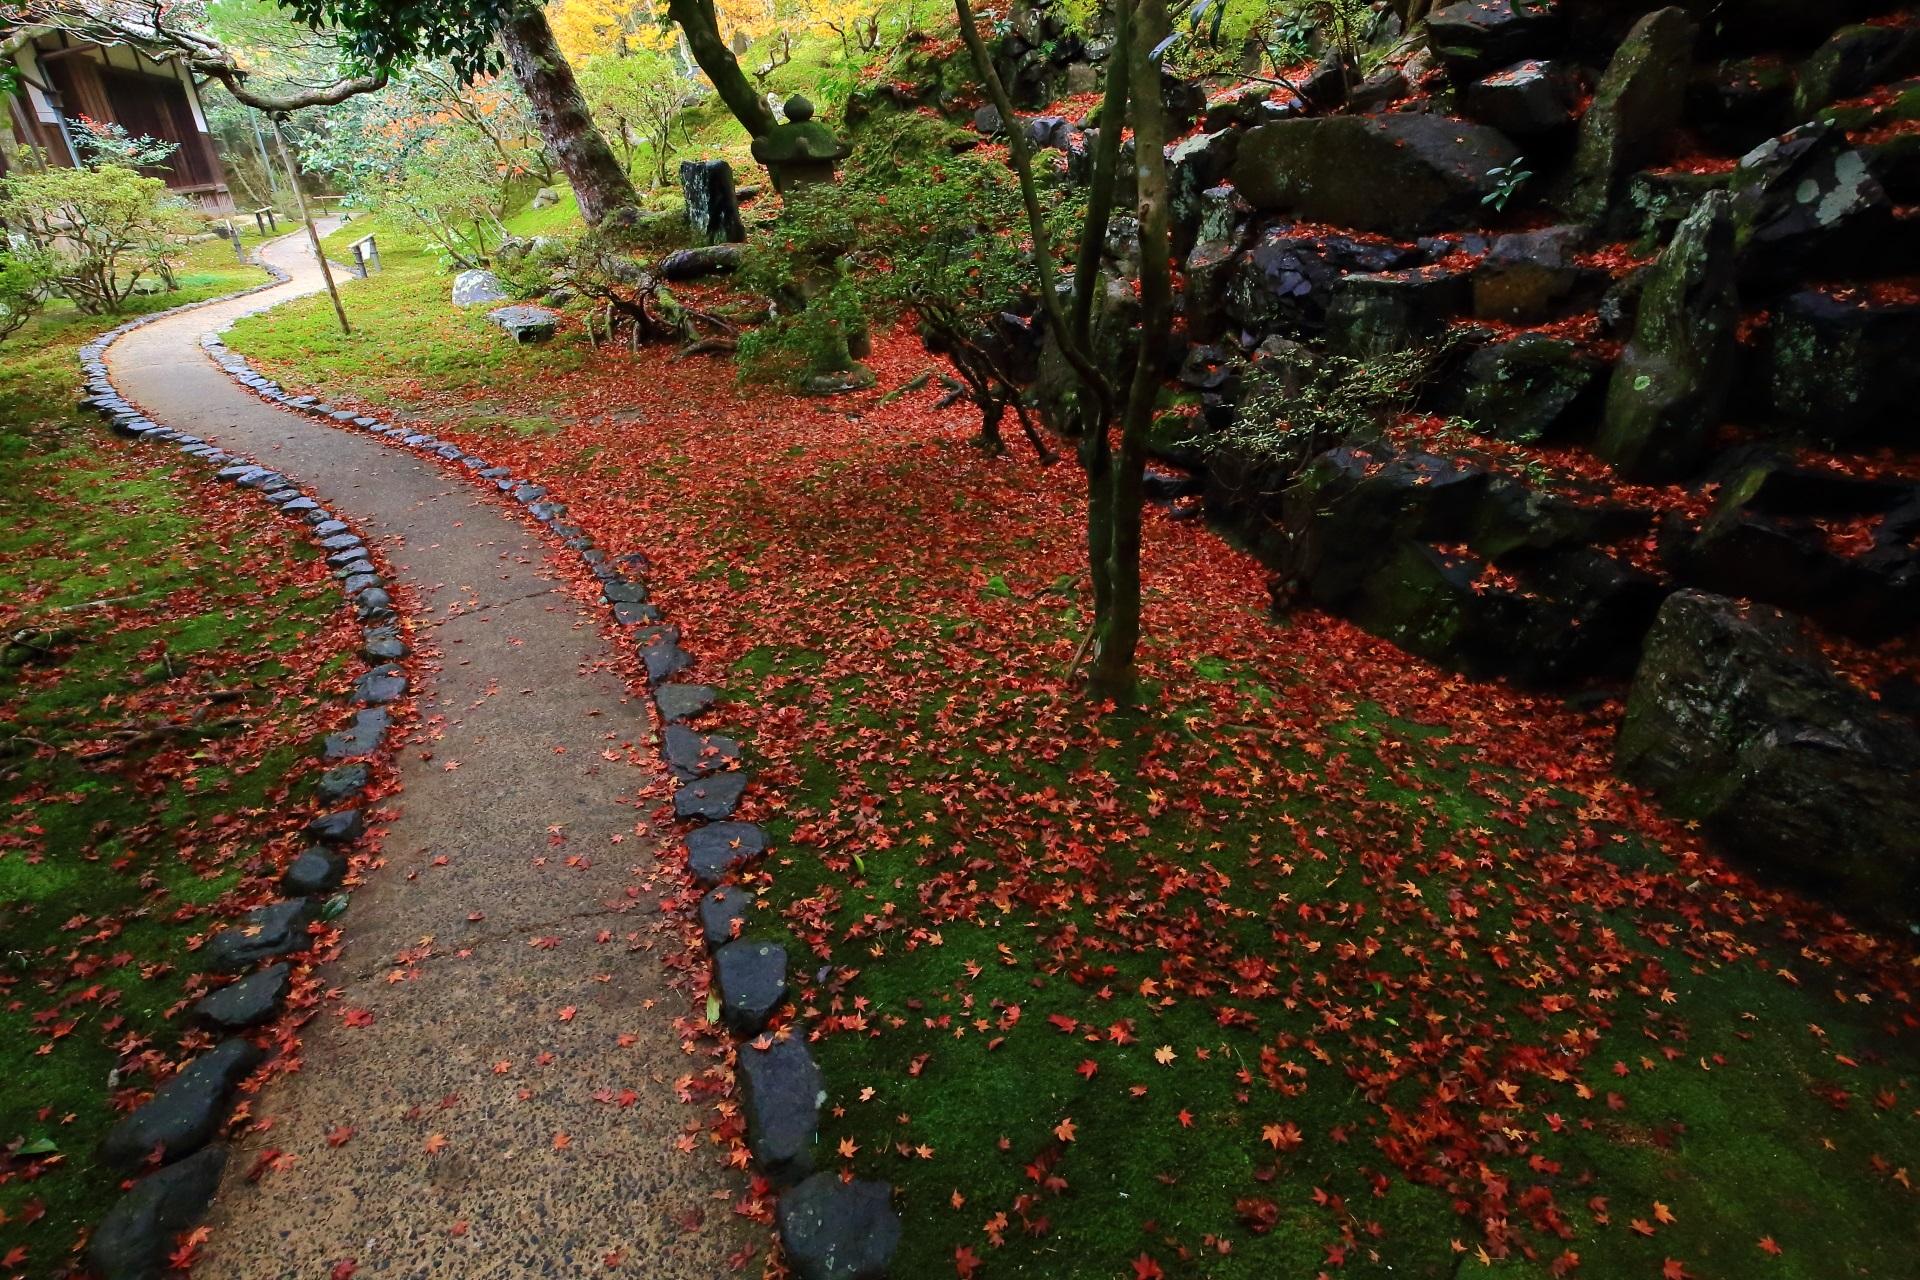 緩やかな曲線を描く参道と見事な散り紅葉